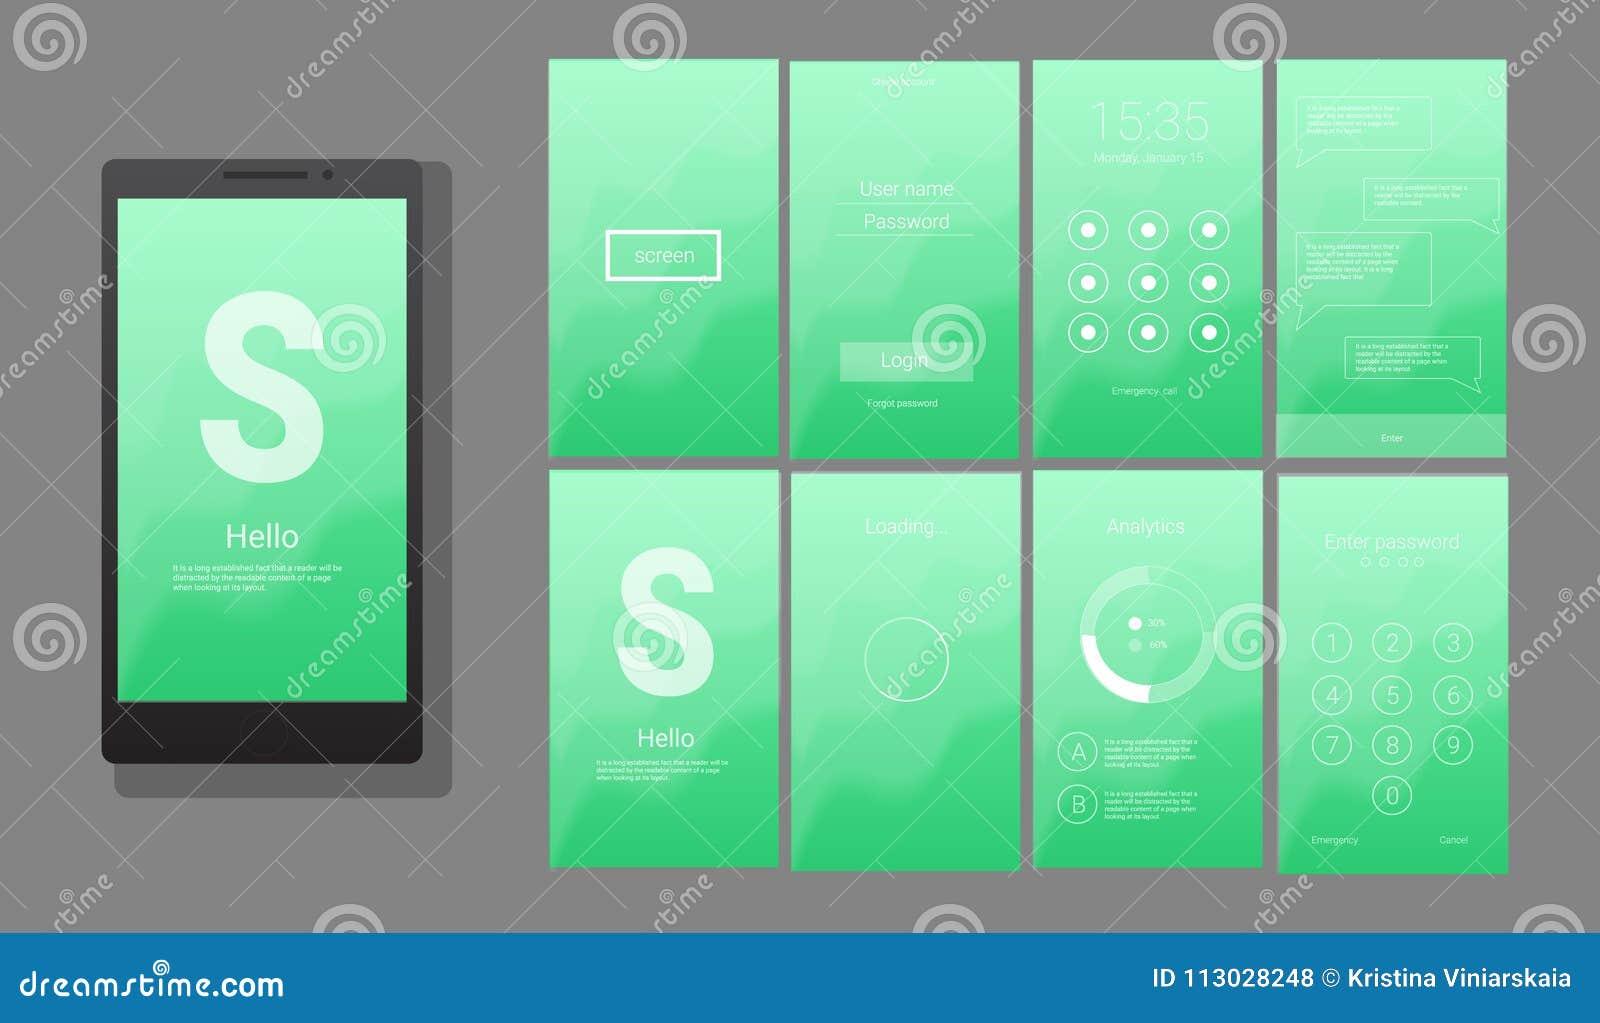 UI moderno, diseño del vector de la pantalla del GUI